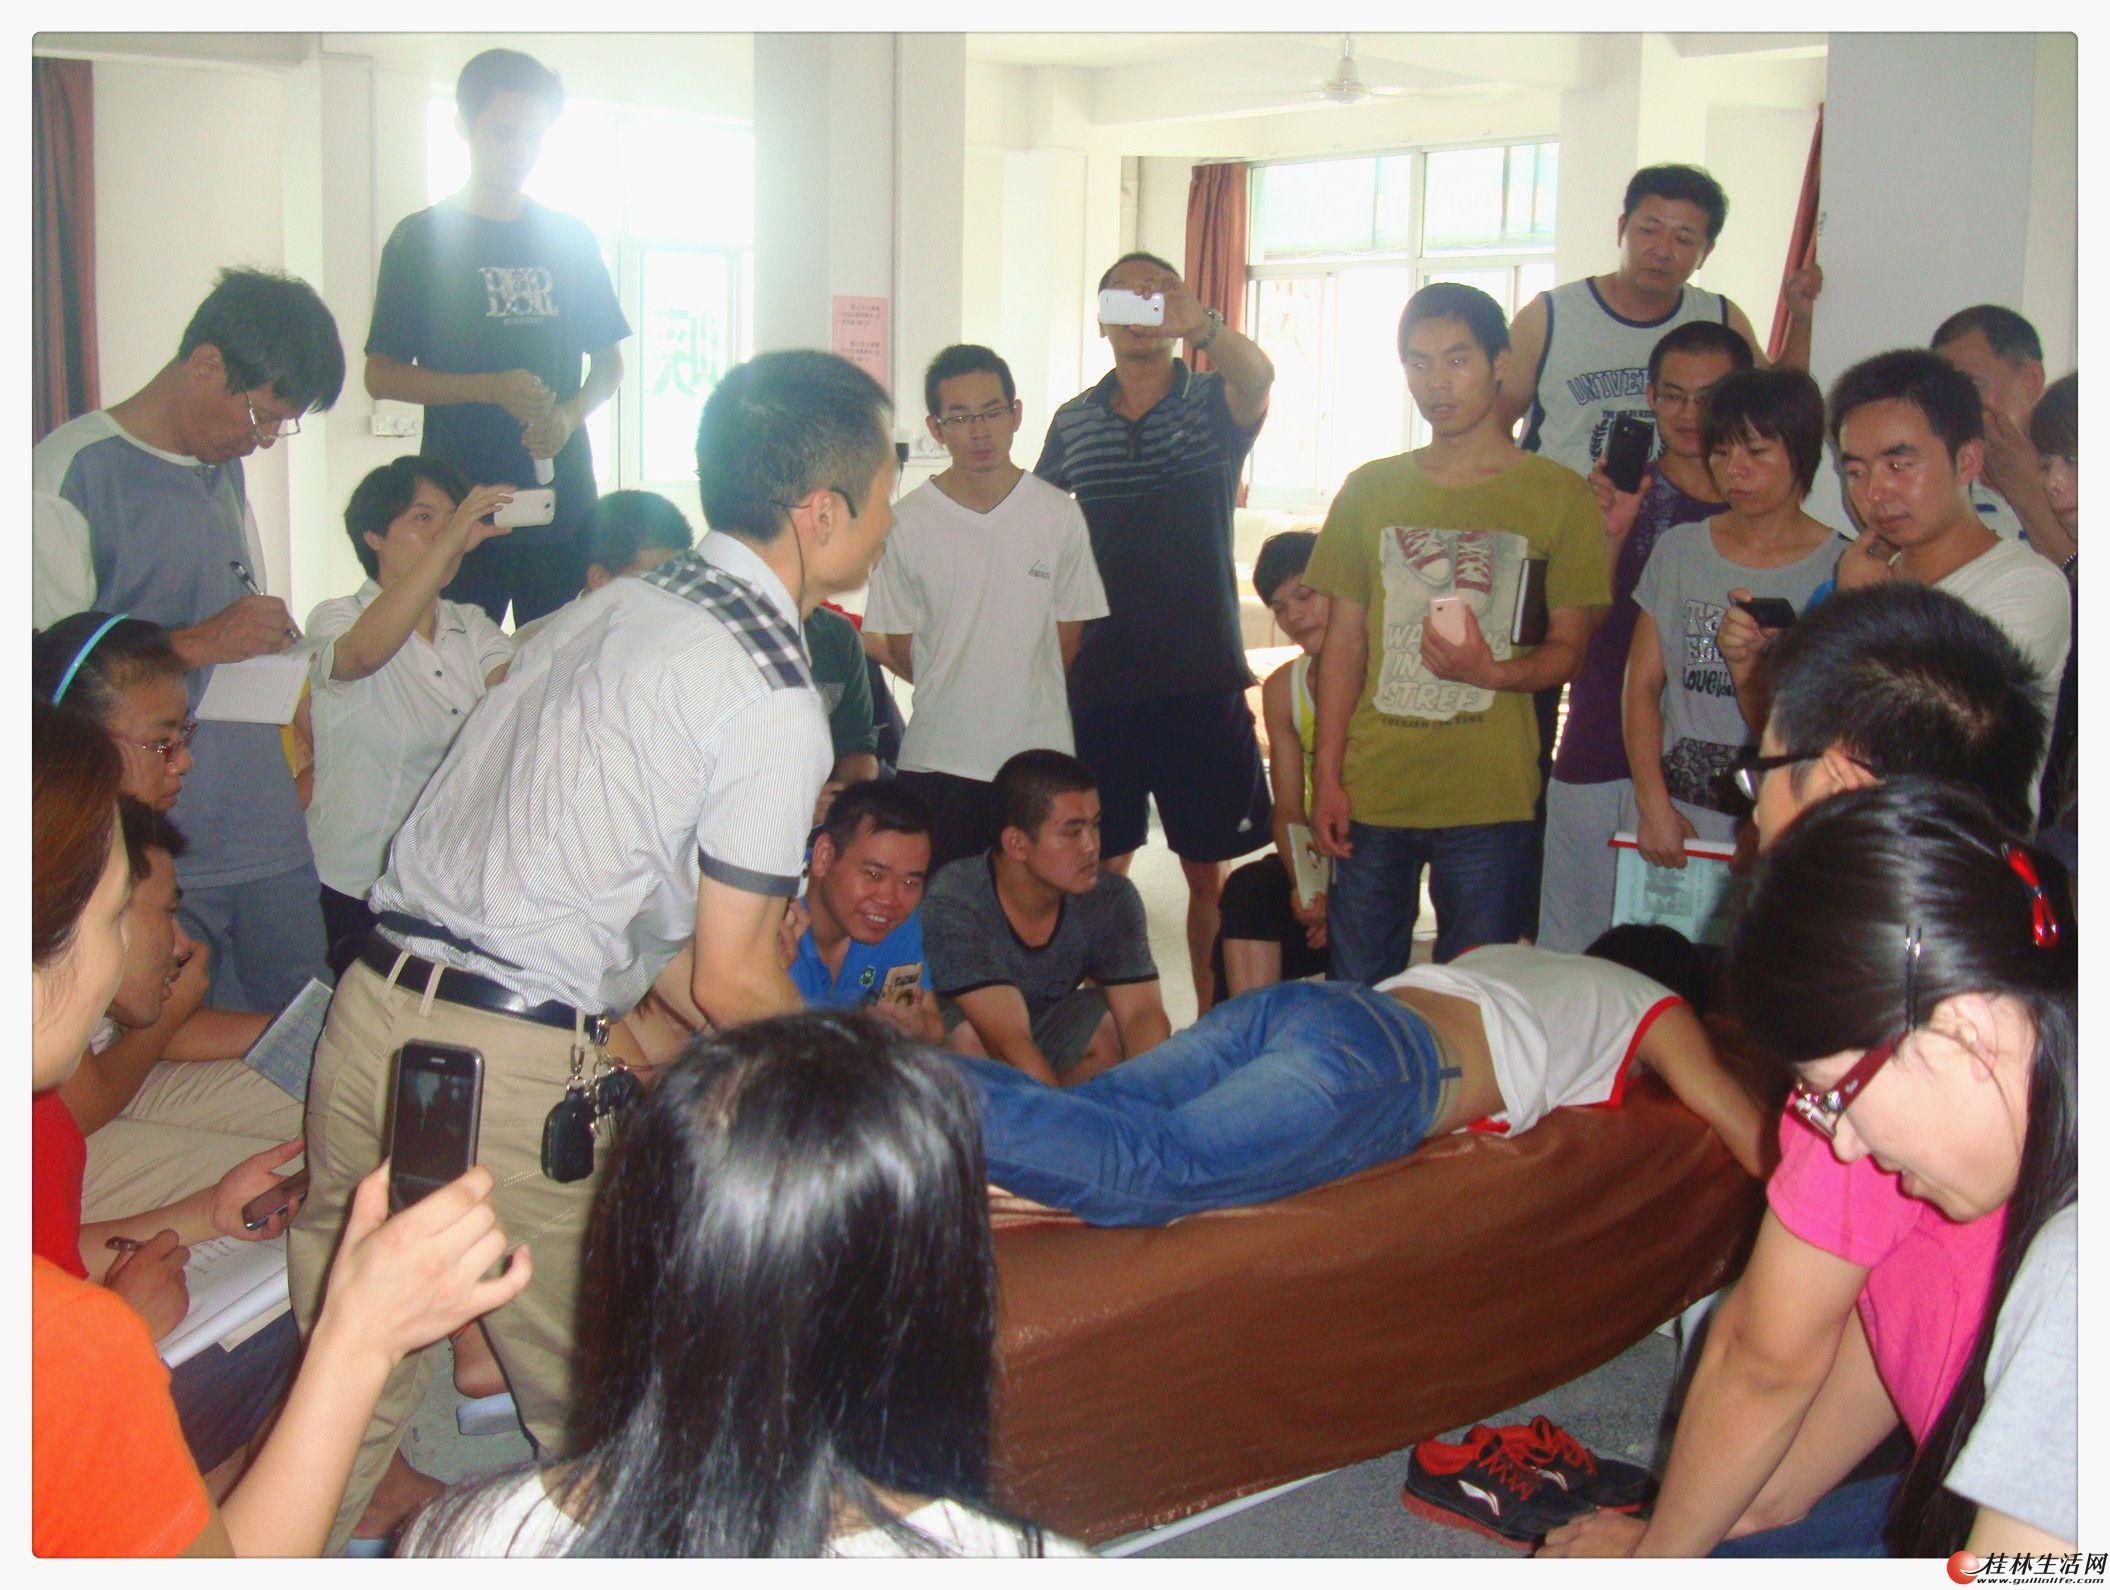 桂林专业学中医针灸理疗培训学校有疗效的专业针灸技术培训包教会